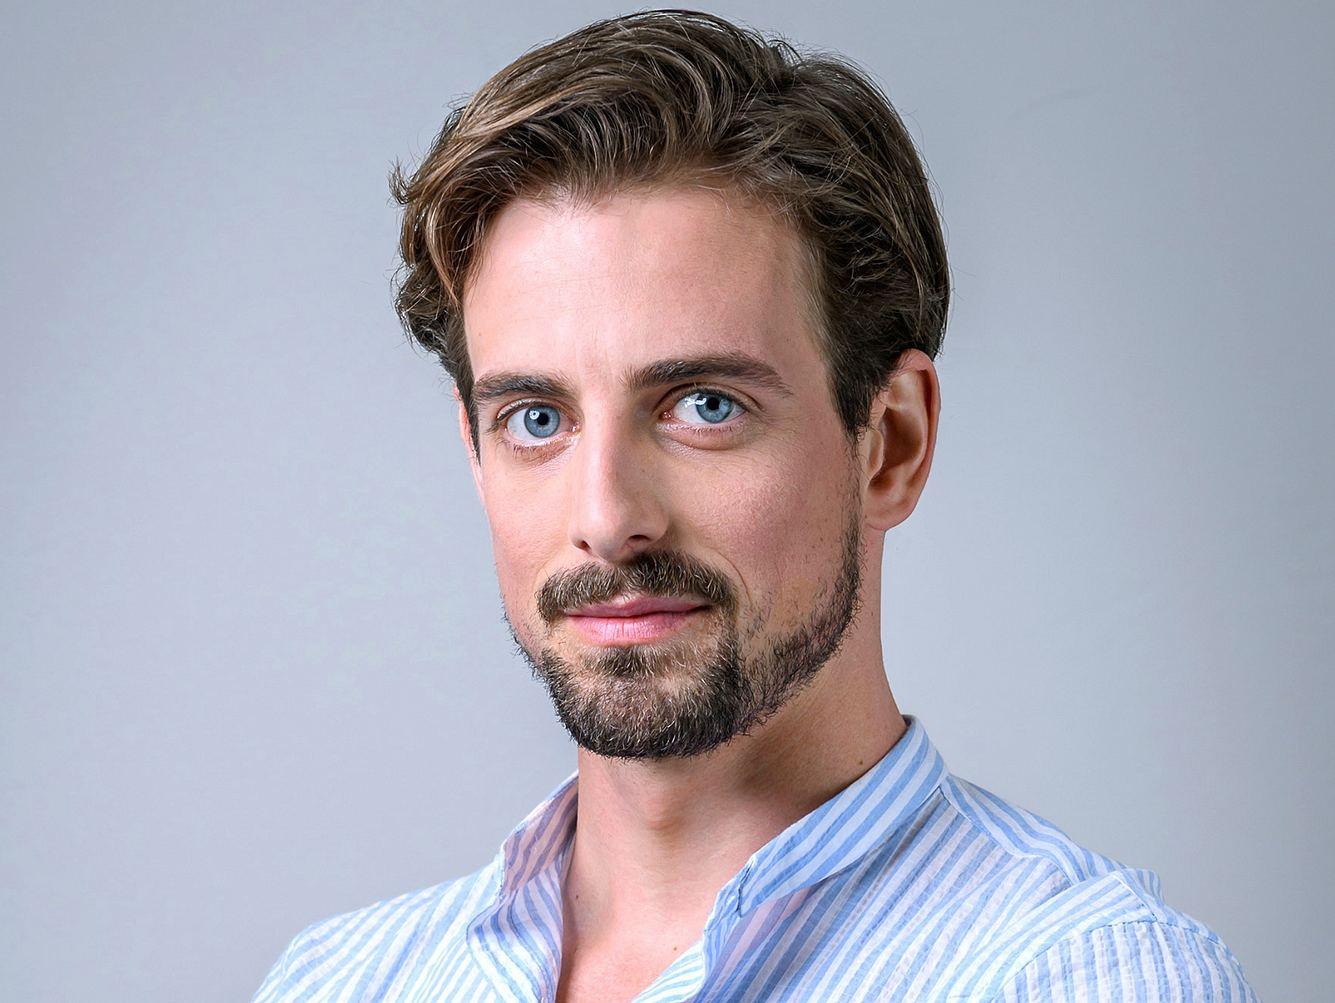 Pablo Konrad spielt bei 'Sturm der Liebe' die Figur Hannes Fröhlich.